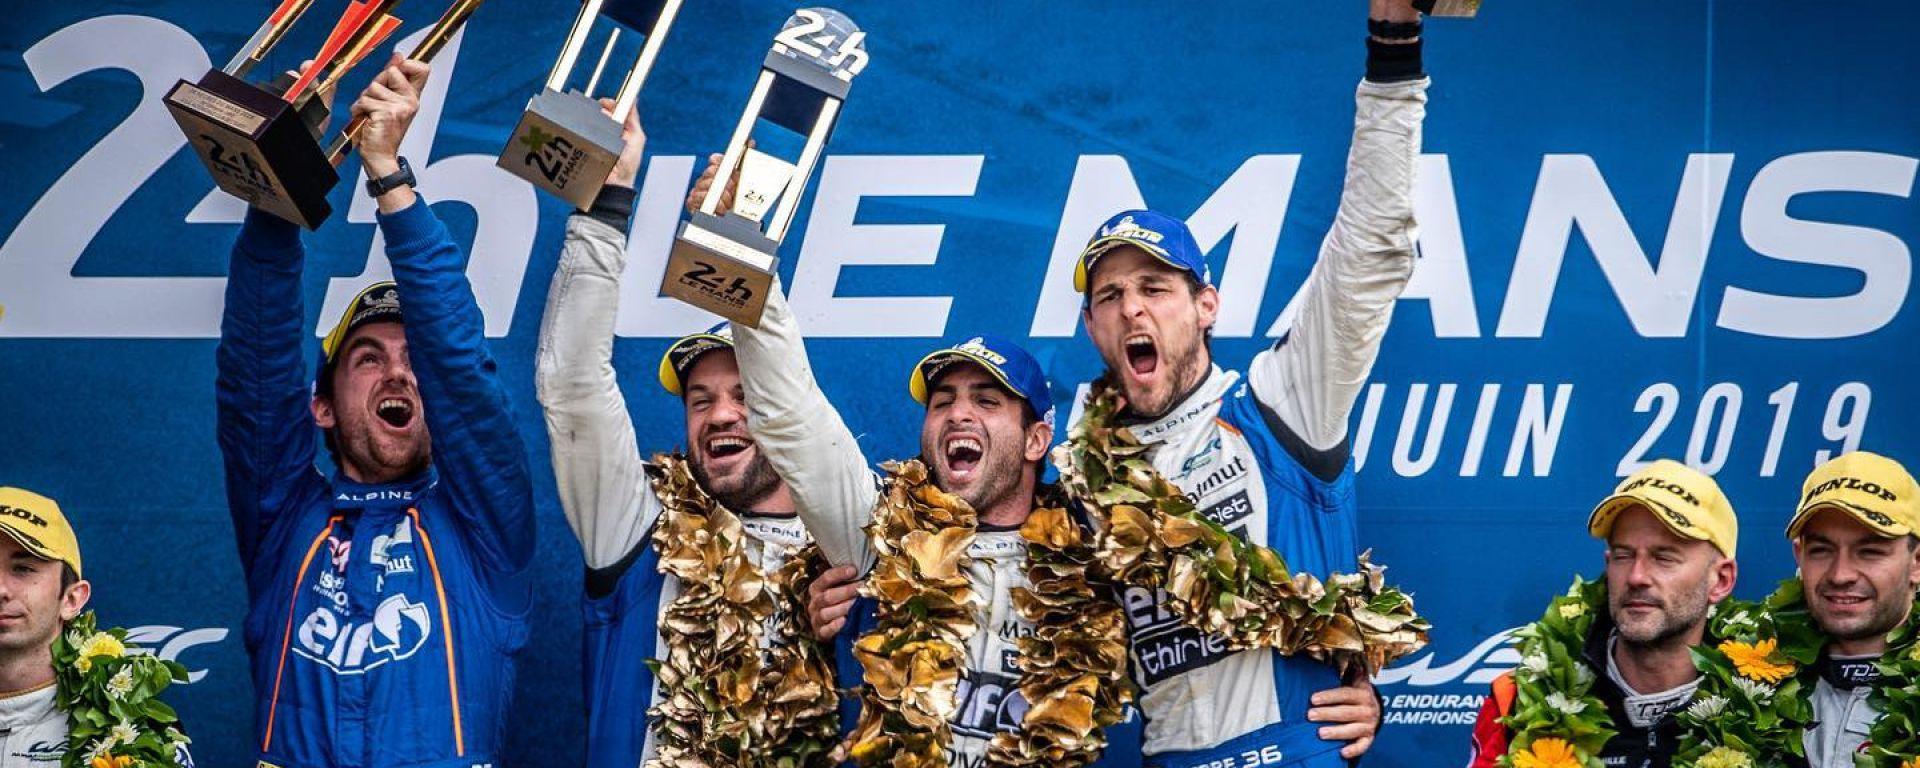 24 Ore di Le Mans 2019, Negrao sul gradino più alto del podio con i compagni Thiriet e Lapierre